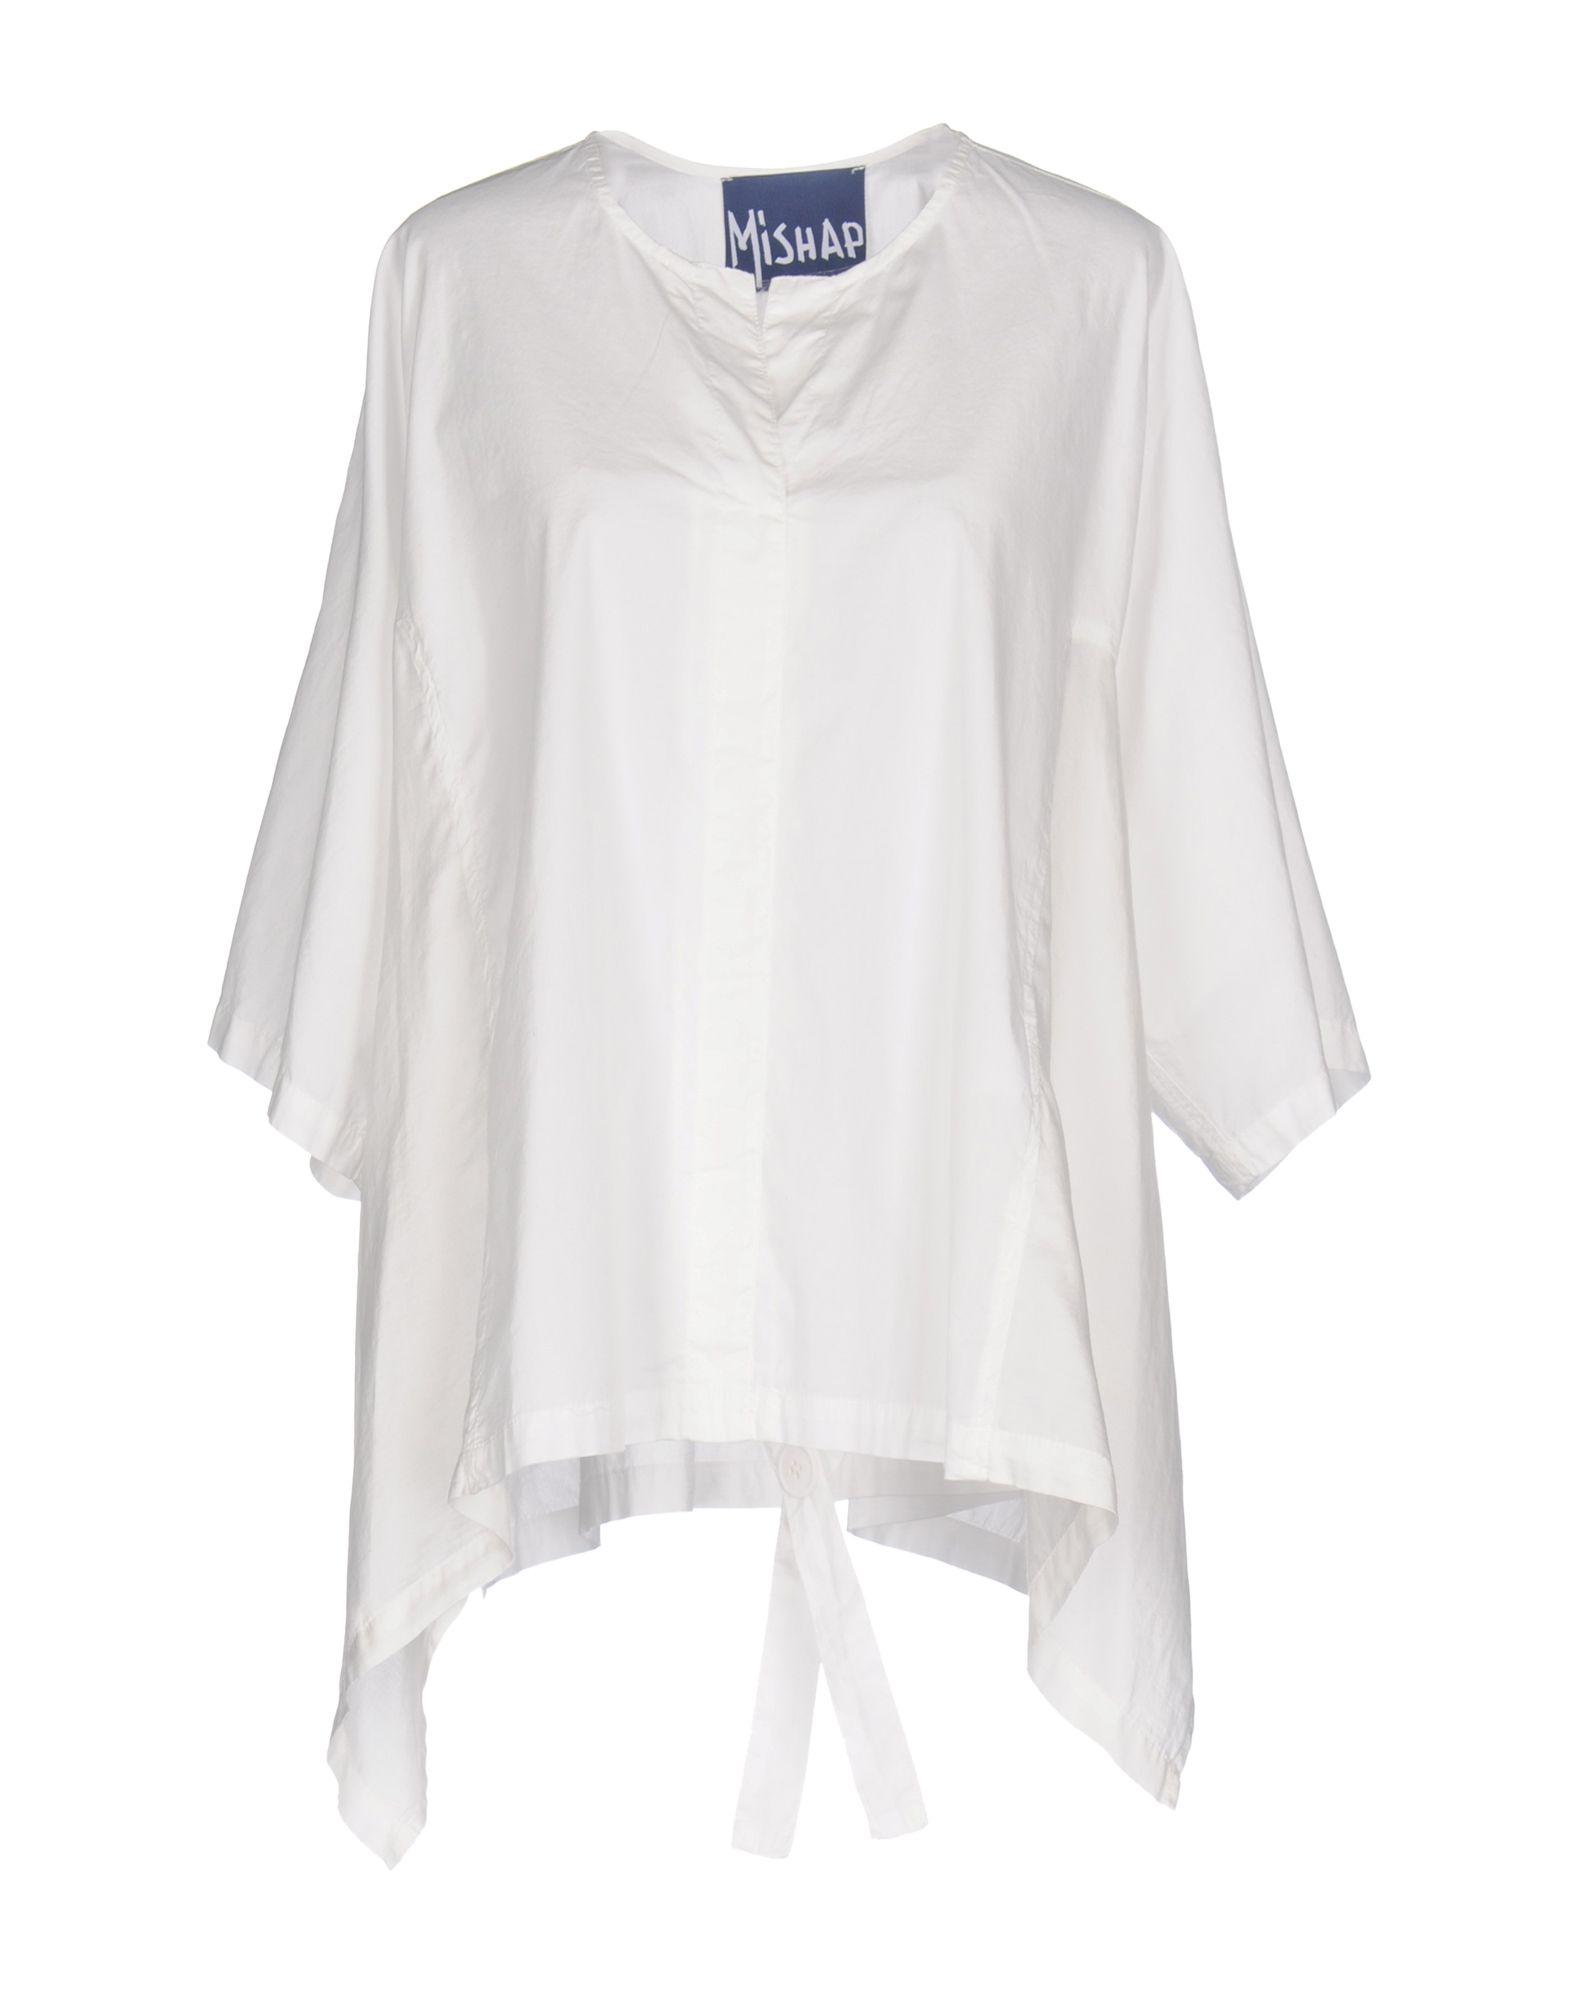 ФОТО mishap блузка